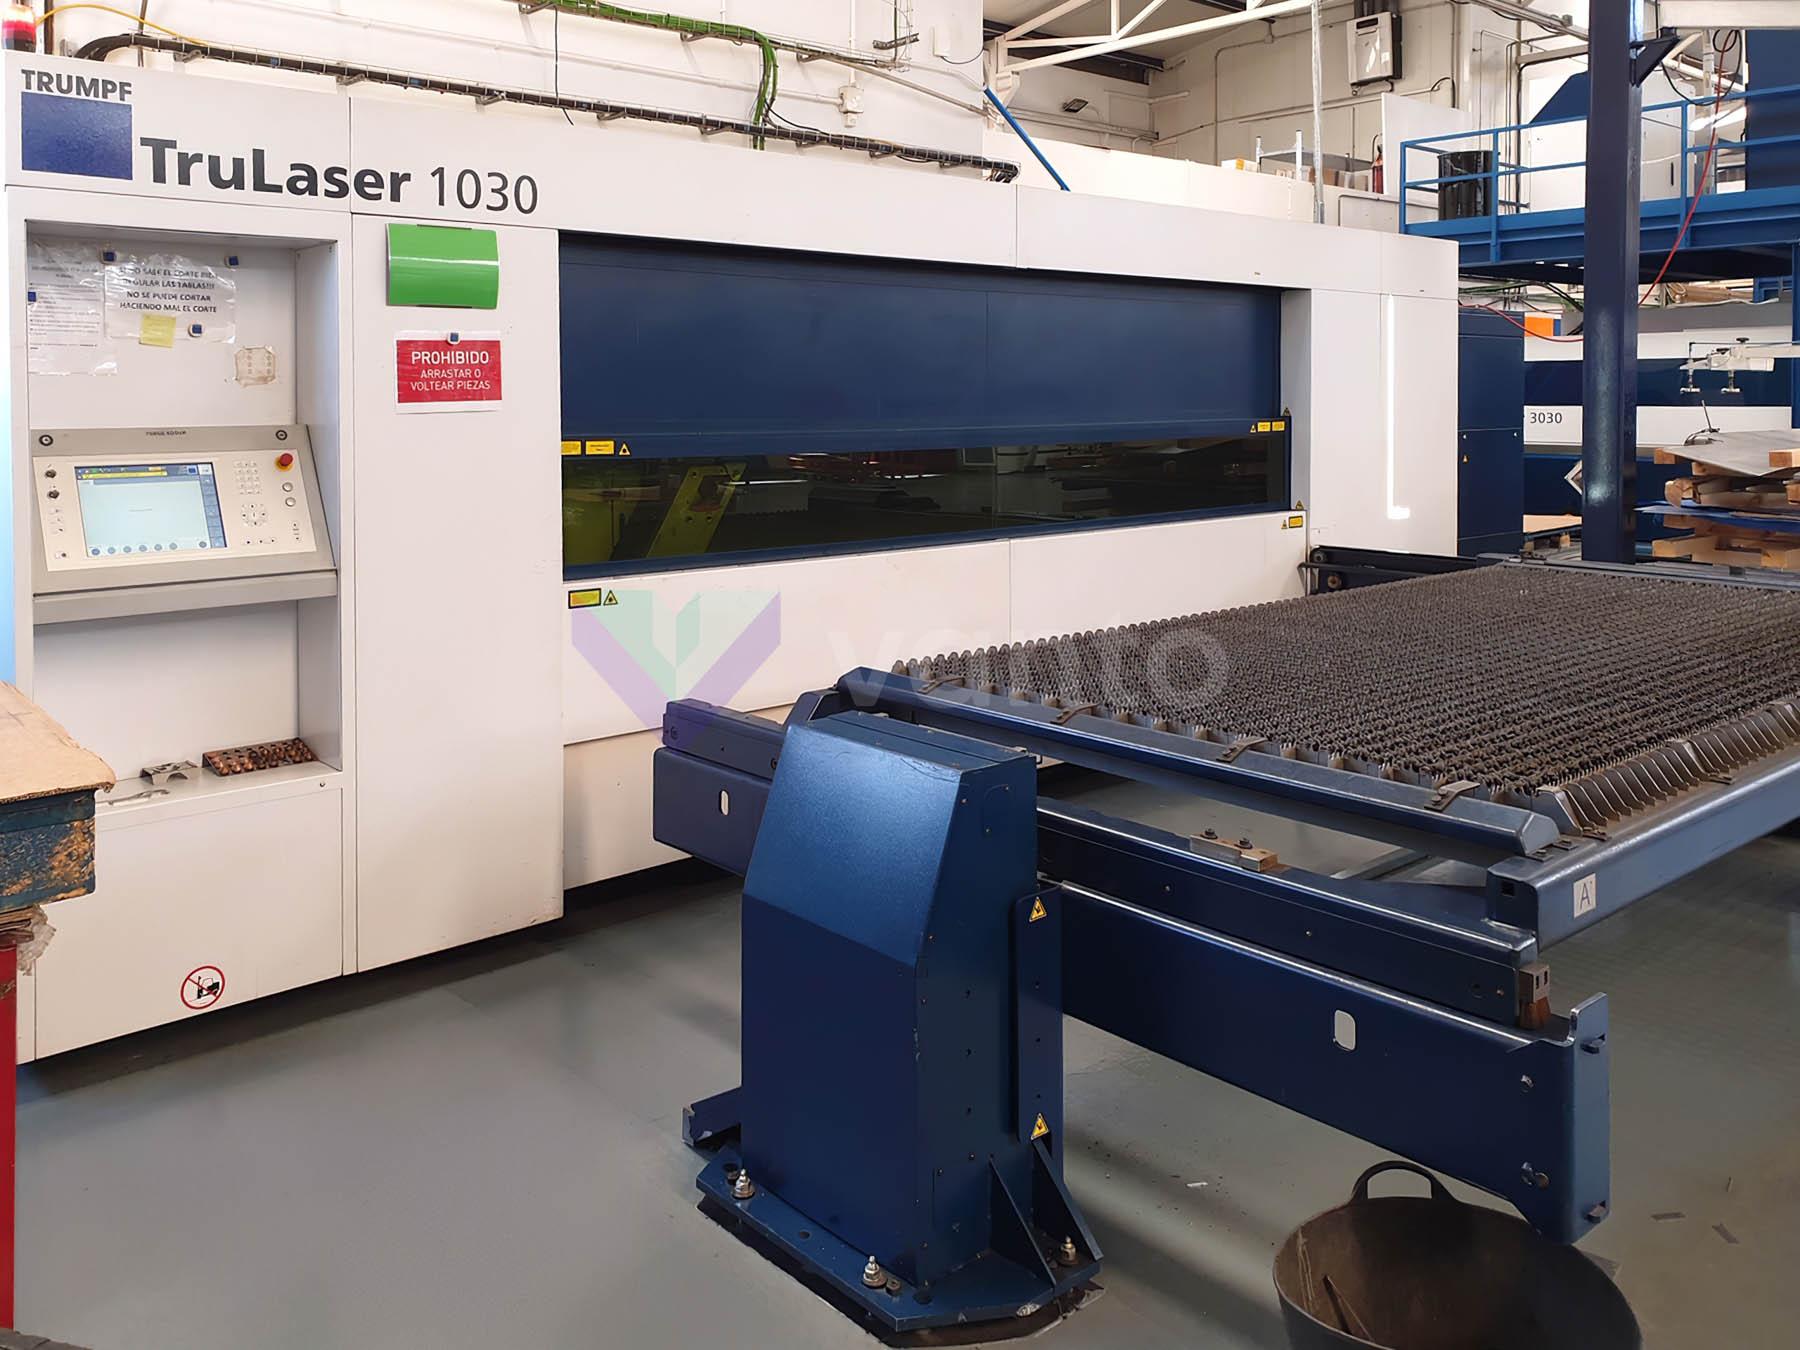 TRUMPF TruLaser 1030 fiber Laser cutting machine (Fiber) (2014) id10392